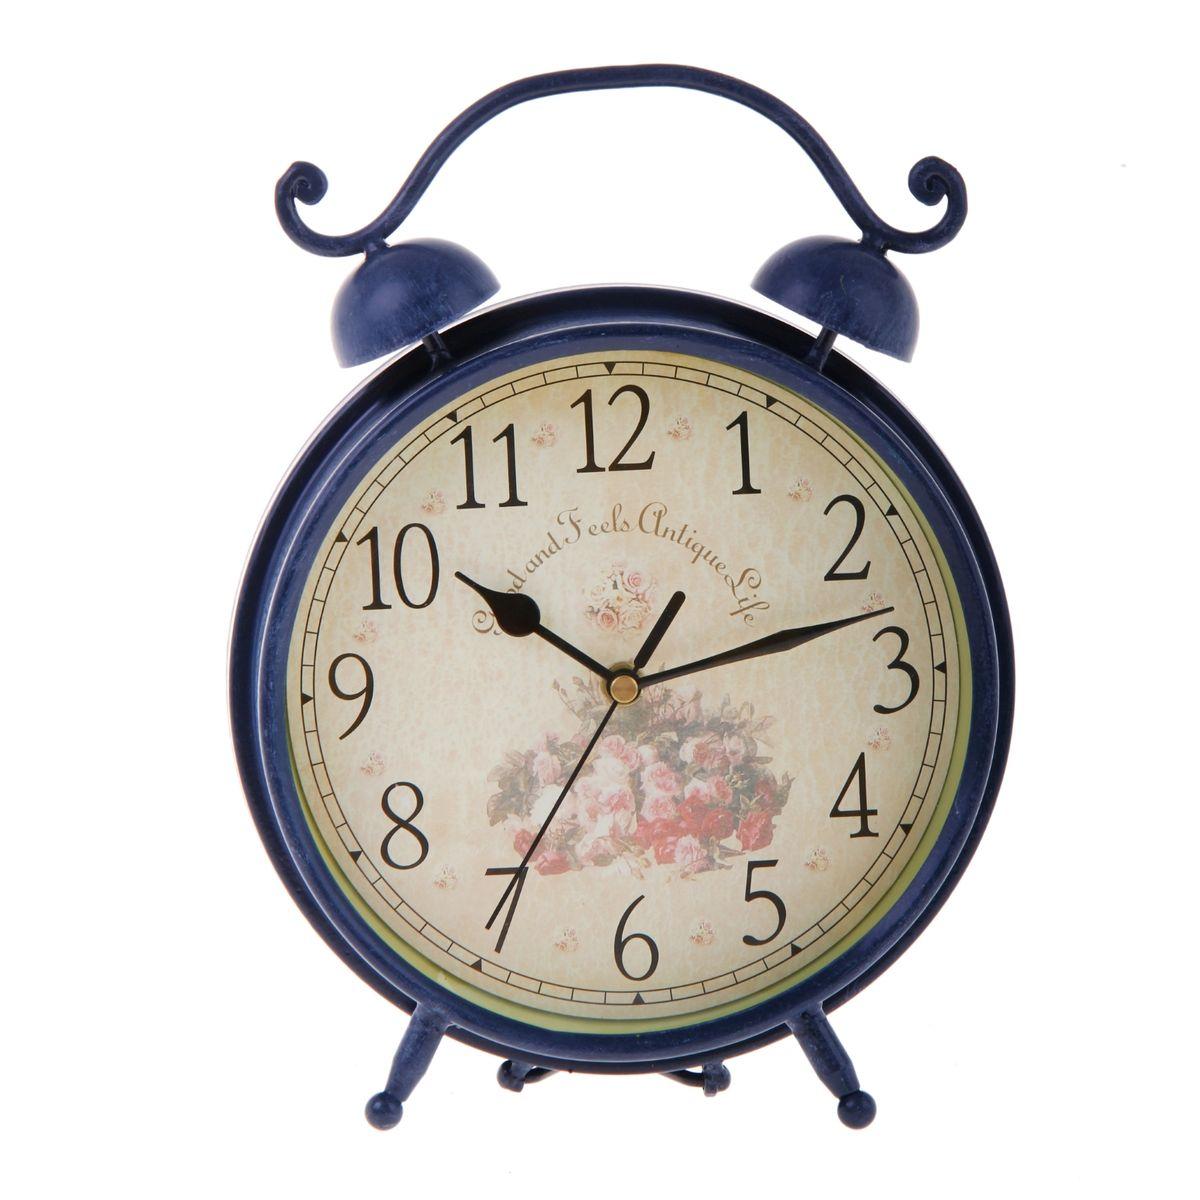 Часы настольные Sima-land, цвет: синий. 670128670128Настольные часы Sima-land станут оригинальным элементом декора в доме или офисе. Часы, изготовленные из высококачественного металла и стекла, выполнены в виде будильника. Циферблат круглой формы, имеет крупные арабские цифры. Часы имеют три стрелки - часовую, минутную и секундную. Изделие располагается на металлических ножках.Настольные часы Sima-land станут не только оригинальным украшением стола, но и прекрасным подарком, который обязательно понравится получателю. Часы работают от одной батарейки с напряжением 1,5 V (в комплект не входит).Диаметр циферблата: 18,5 см.Общий размер часов: 20 см х 7,5 см х 26,5 см.